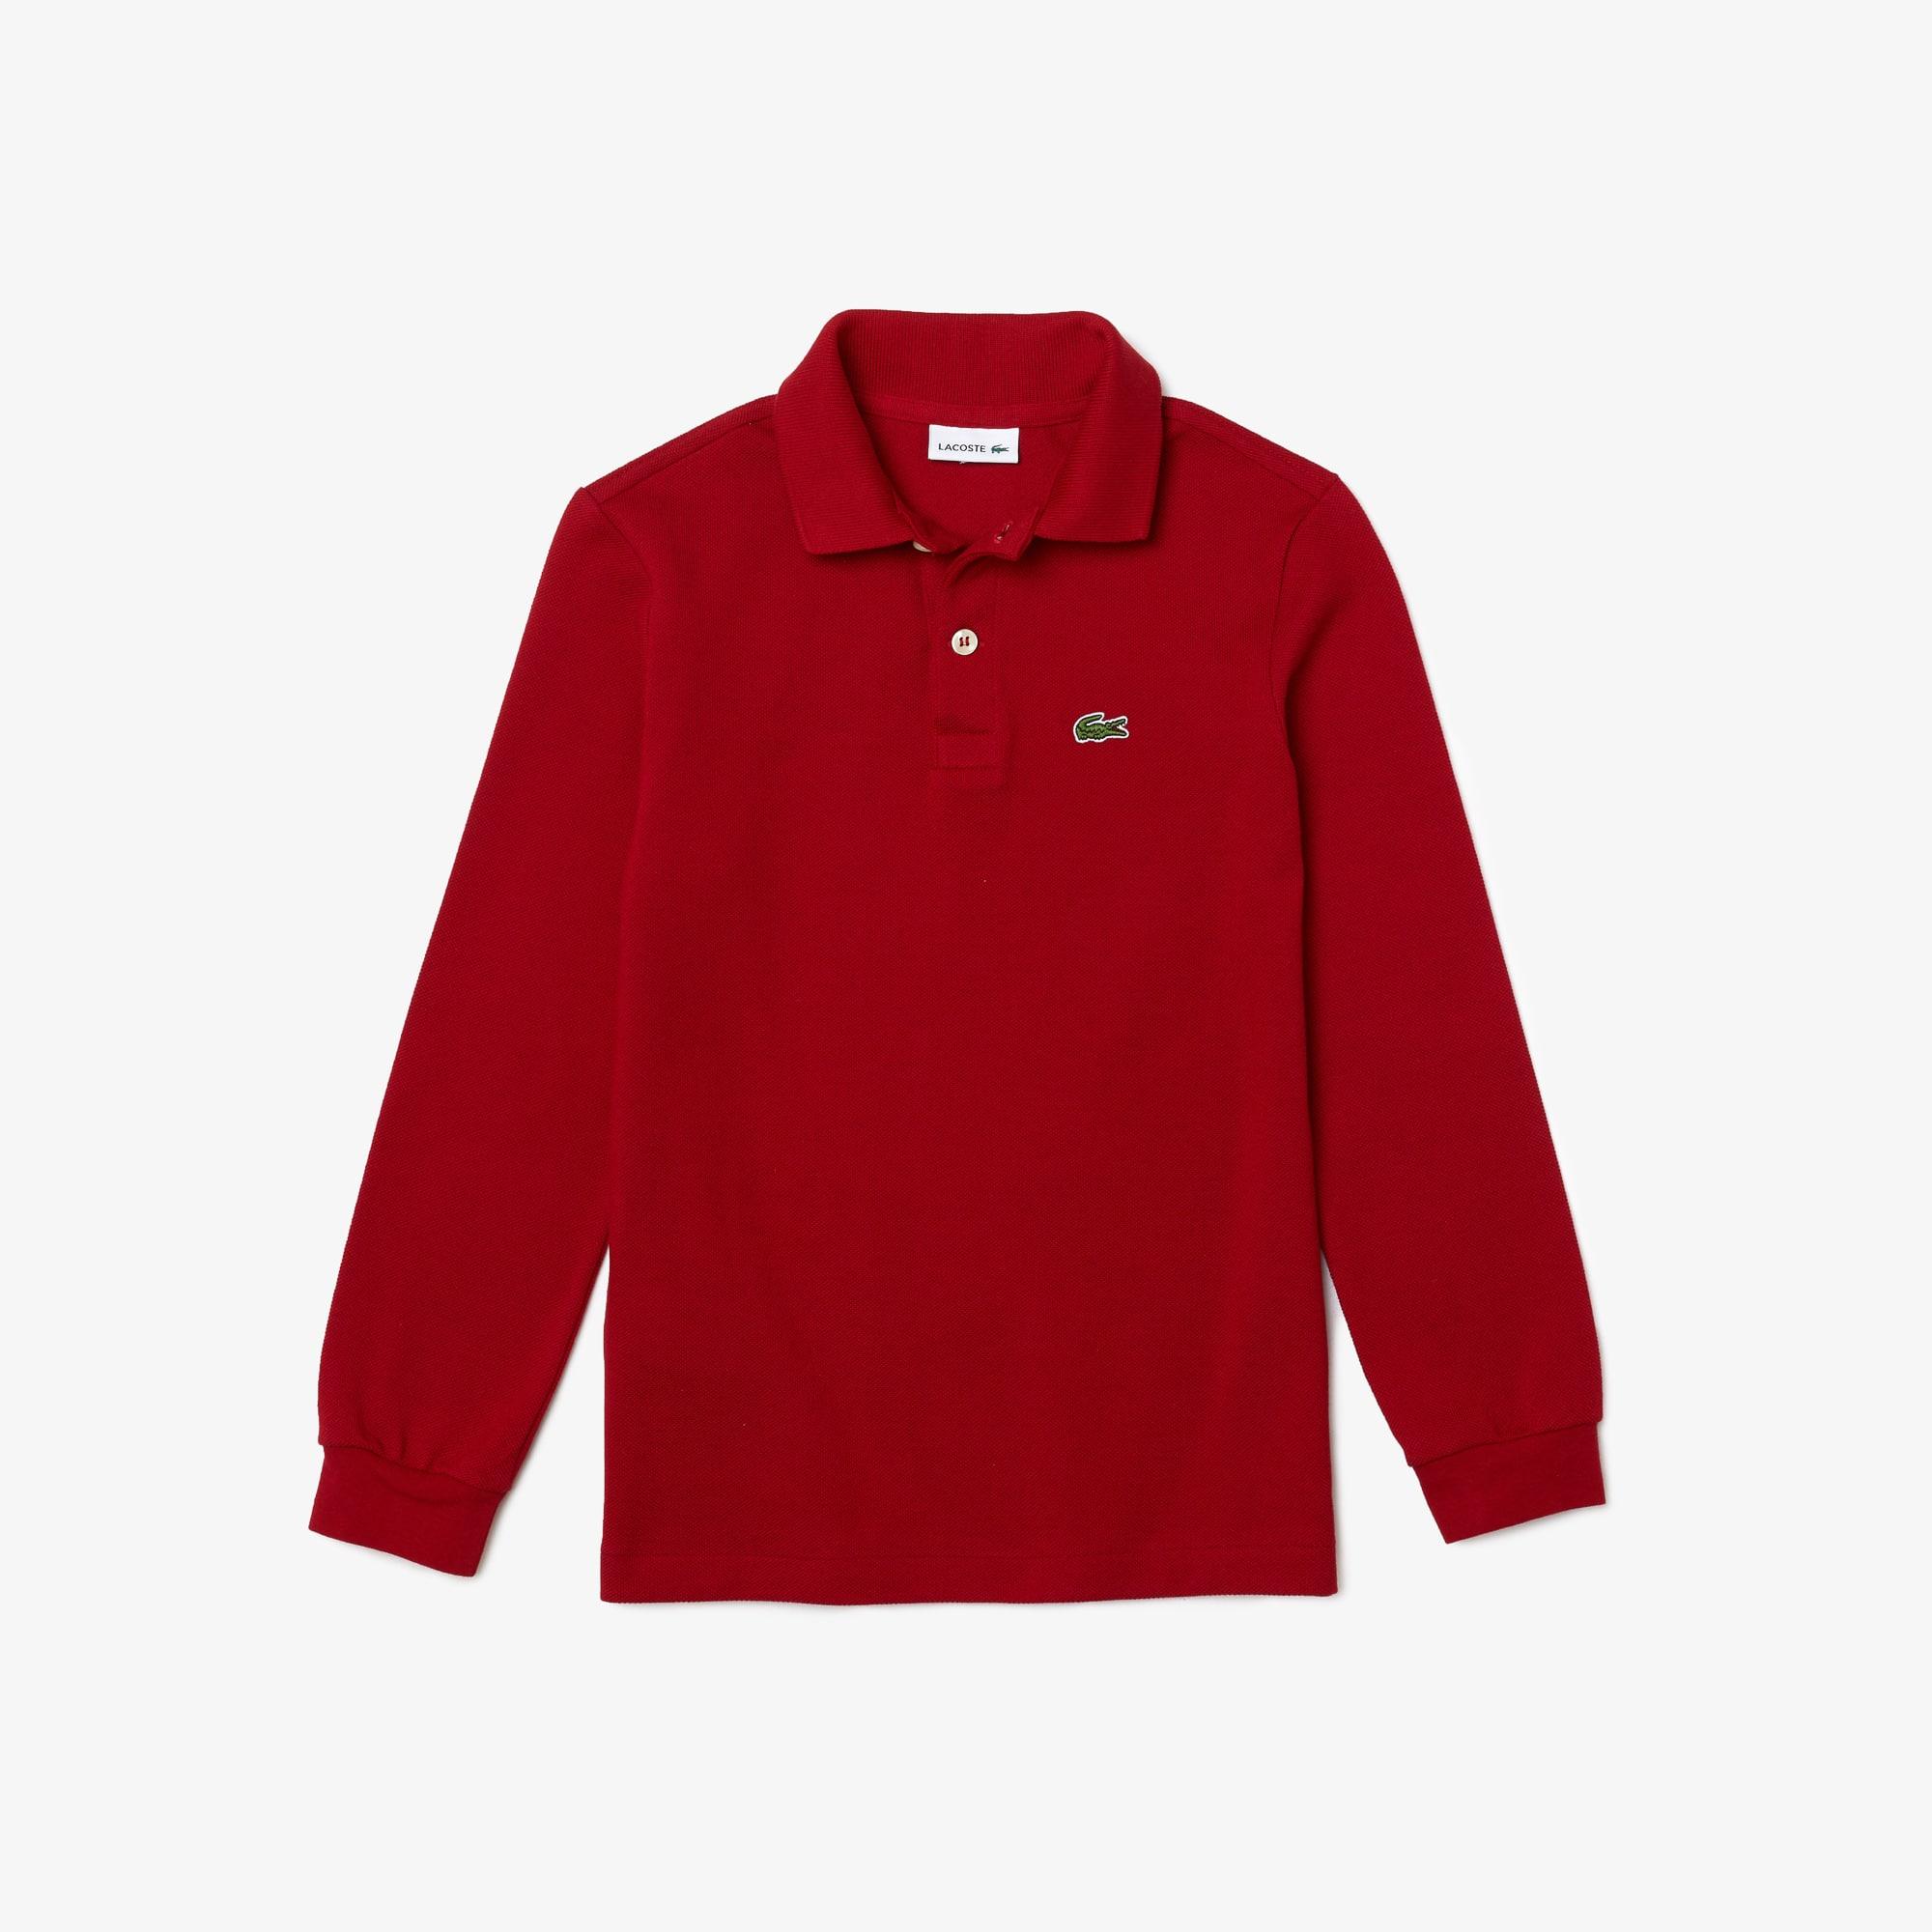 LACOSTE Jungen-Poloshirt aus Petit Piqué